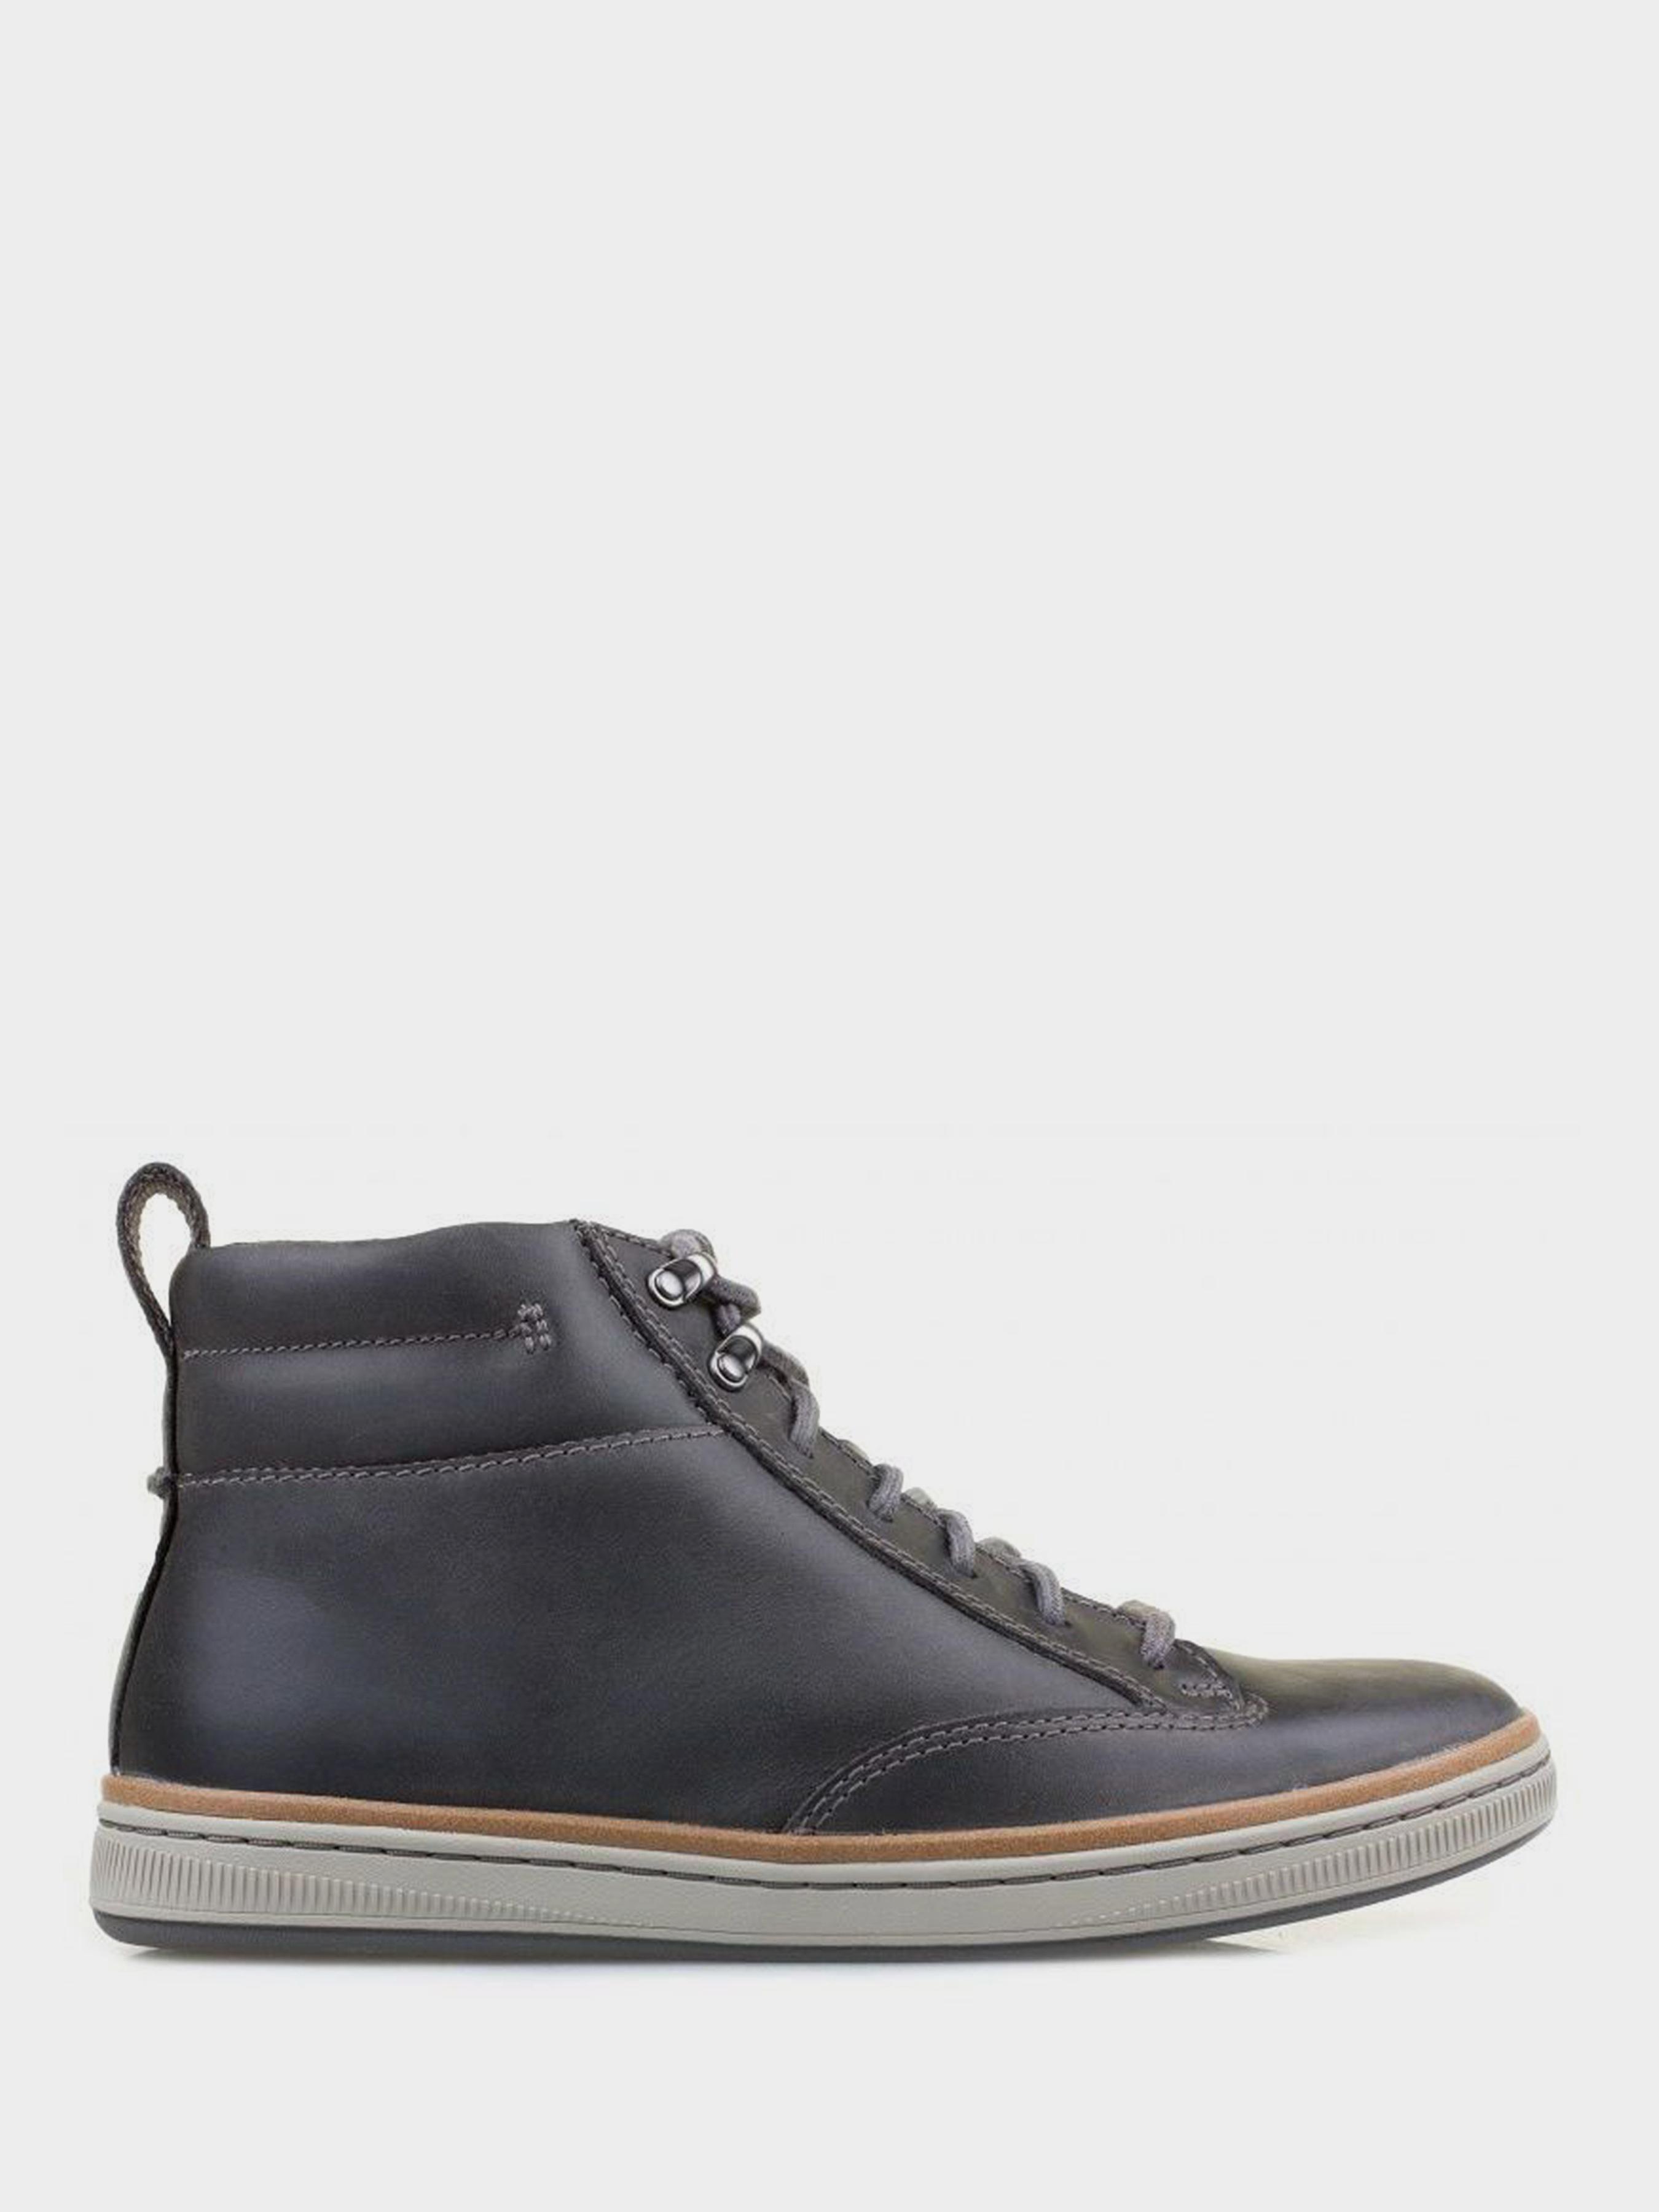 Ботинки мужские Clarks Norsen Mid OM2788 купить обувь, 2017